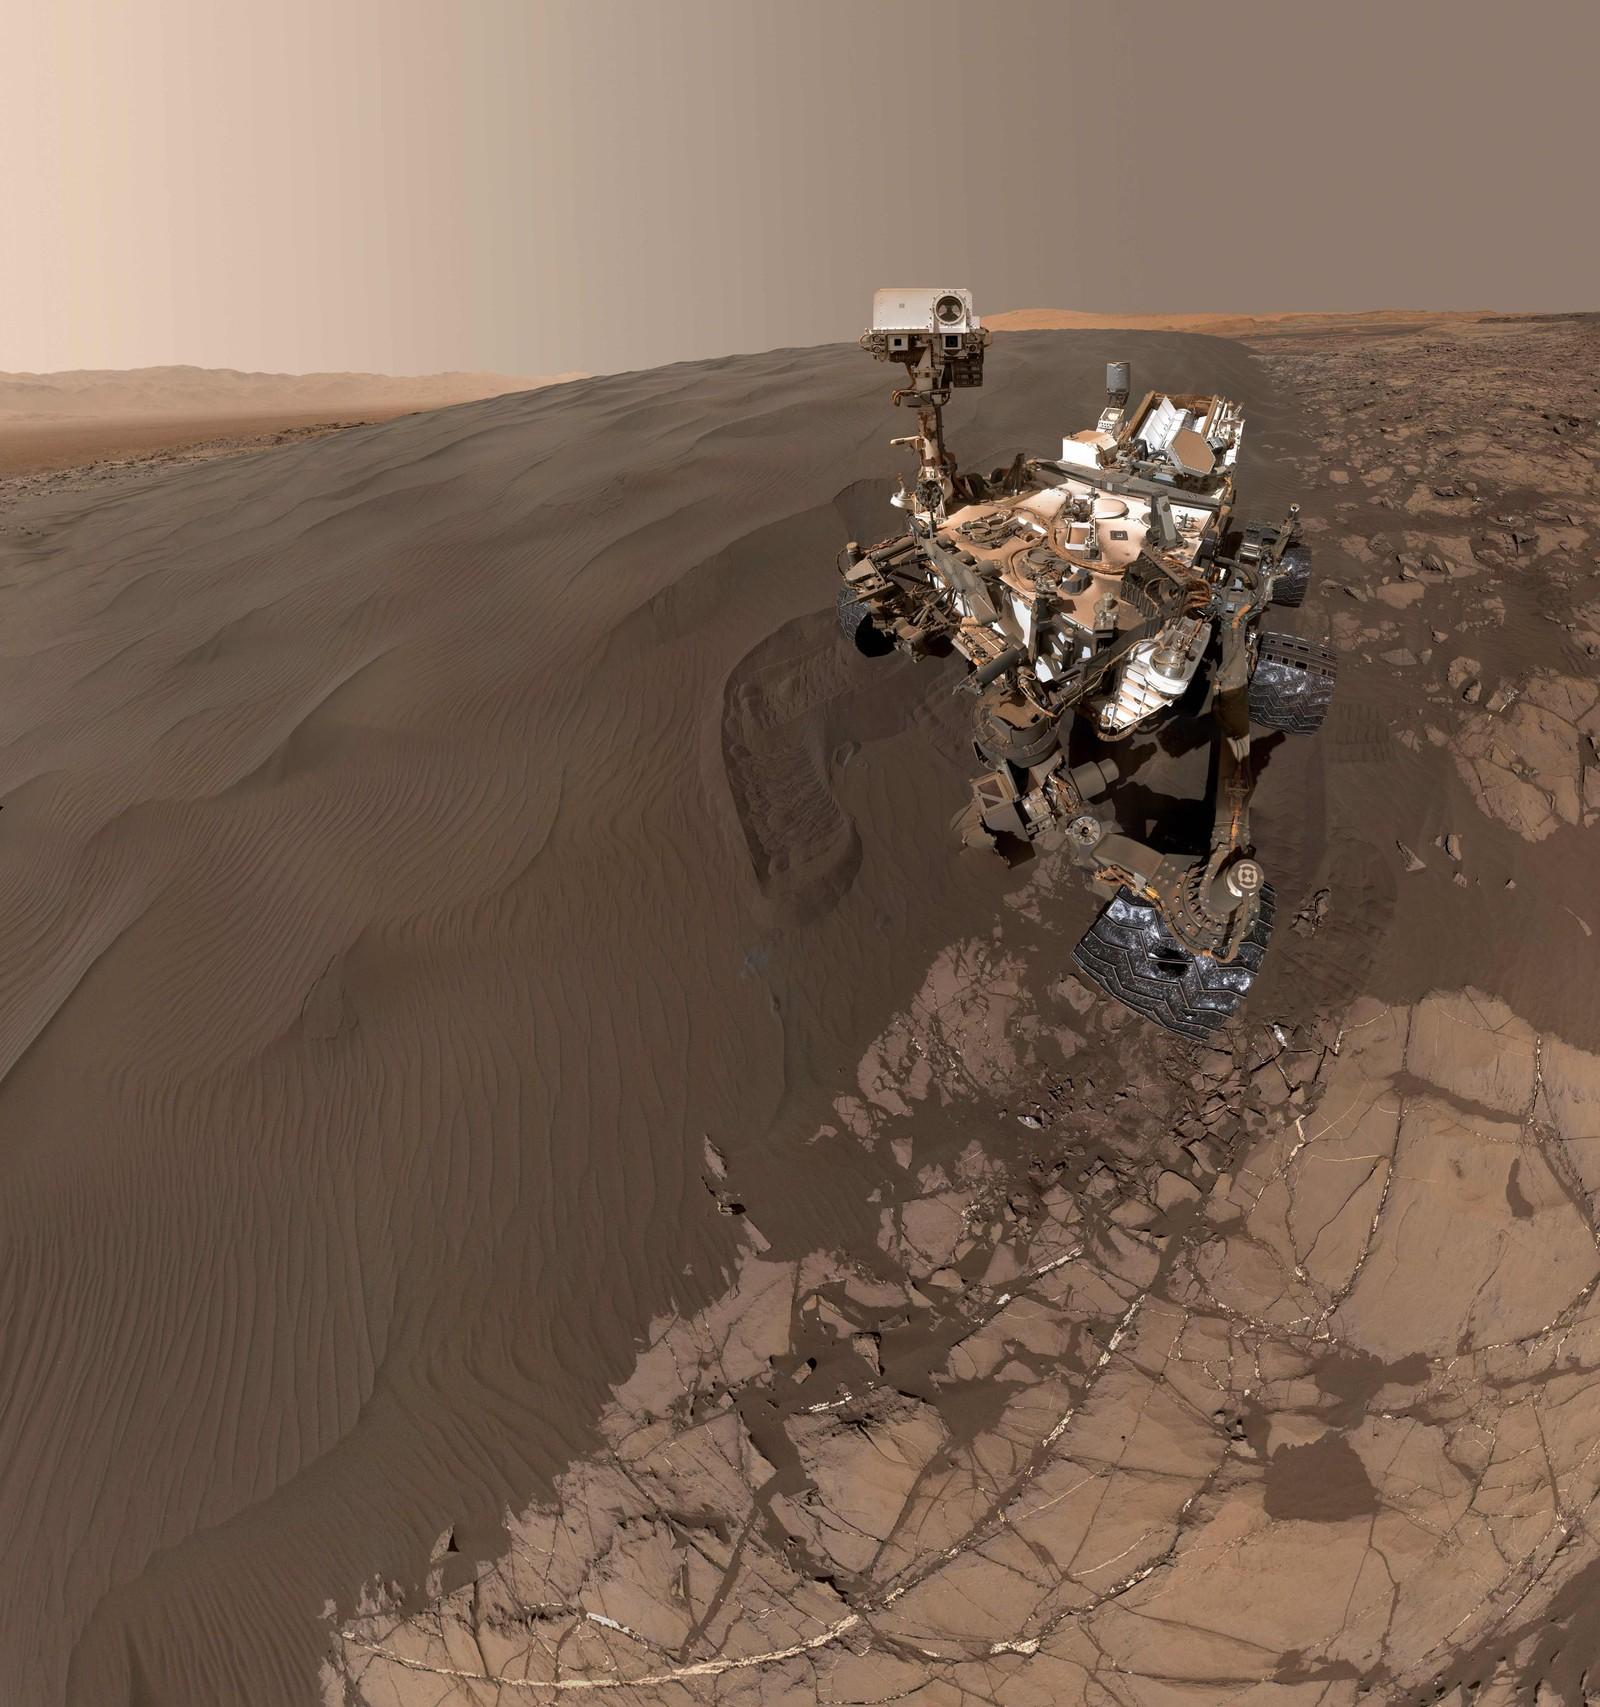 Årets selfie? Nasas Curiosity sendte dette bildet fra Mars i februar.